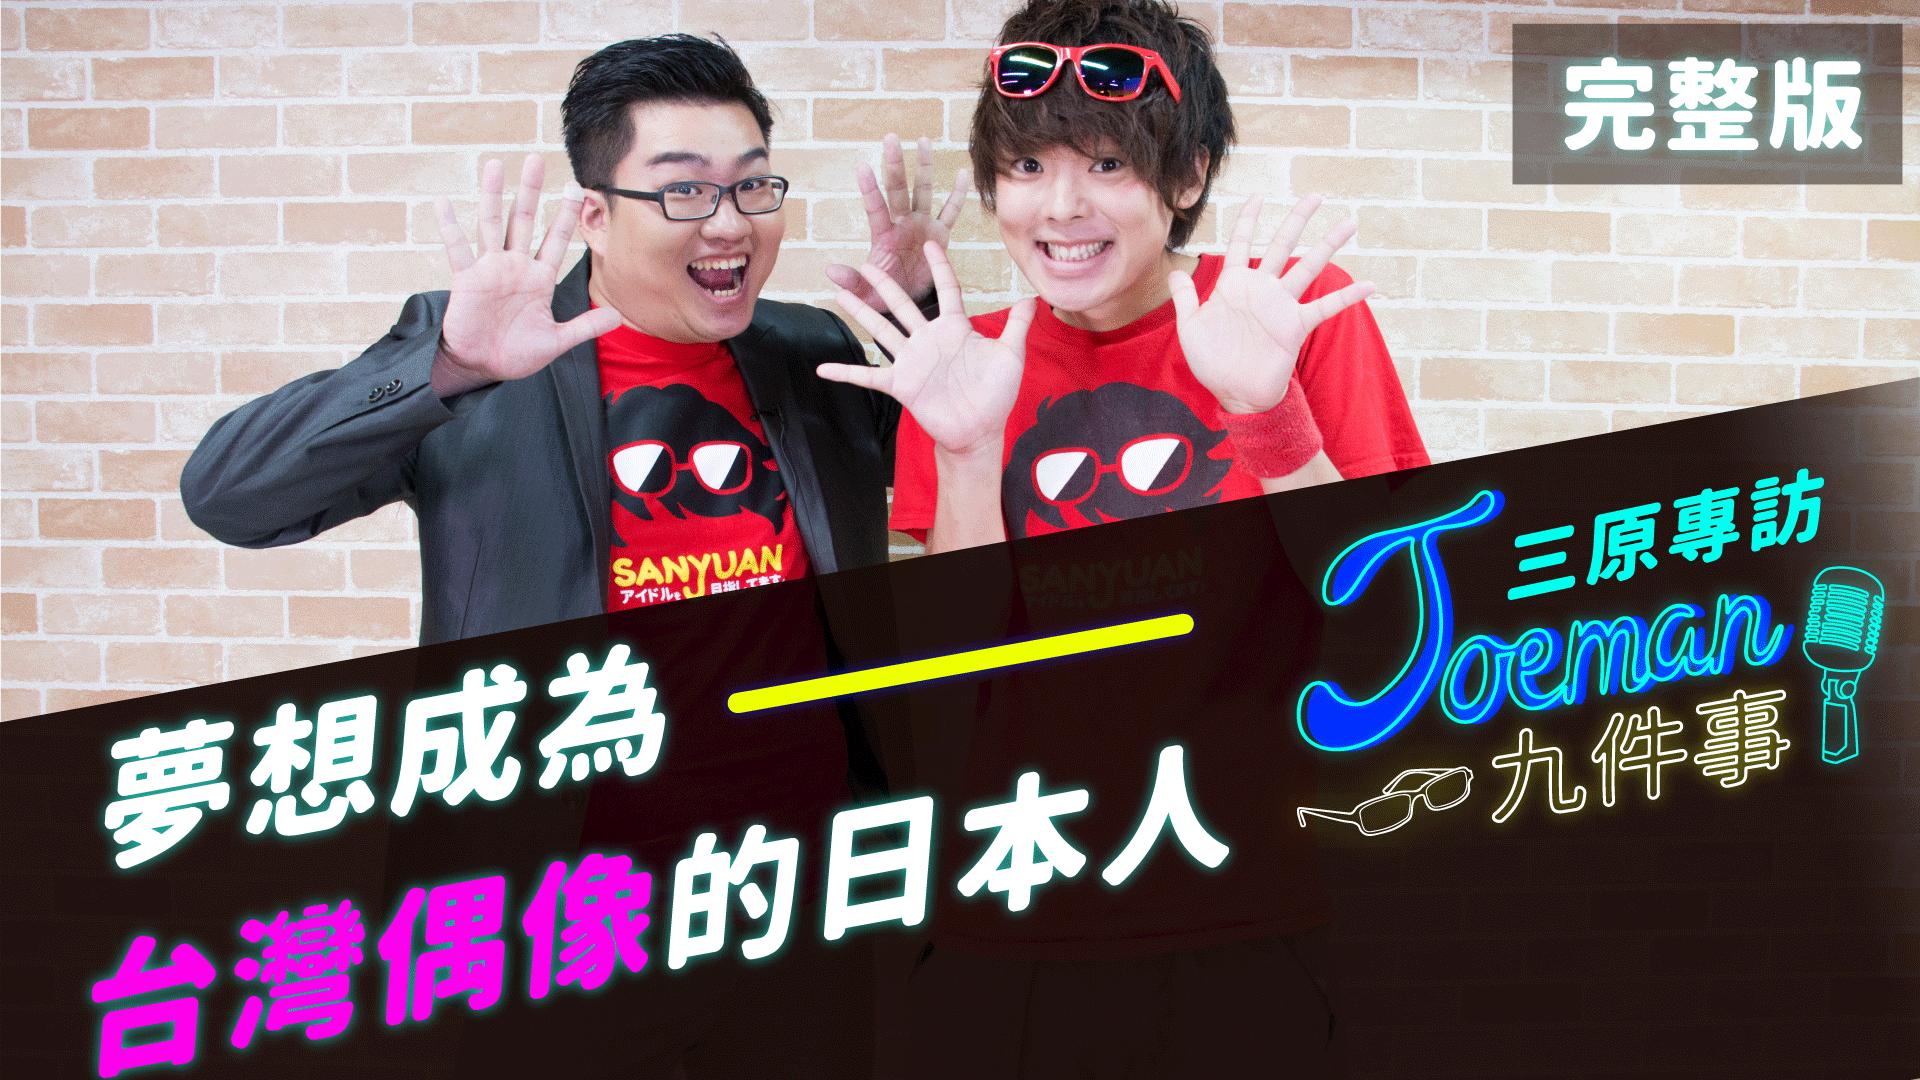 公主病日本導演犧牲一切 只為成為台灣偶像|《Joeman九件事》三原慧悟專訪